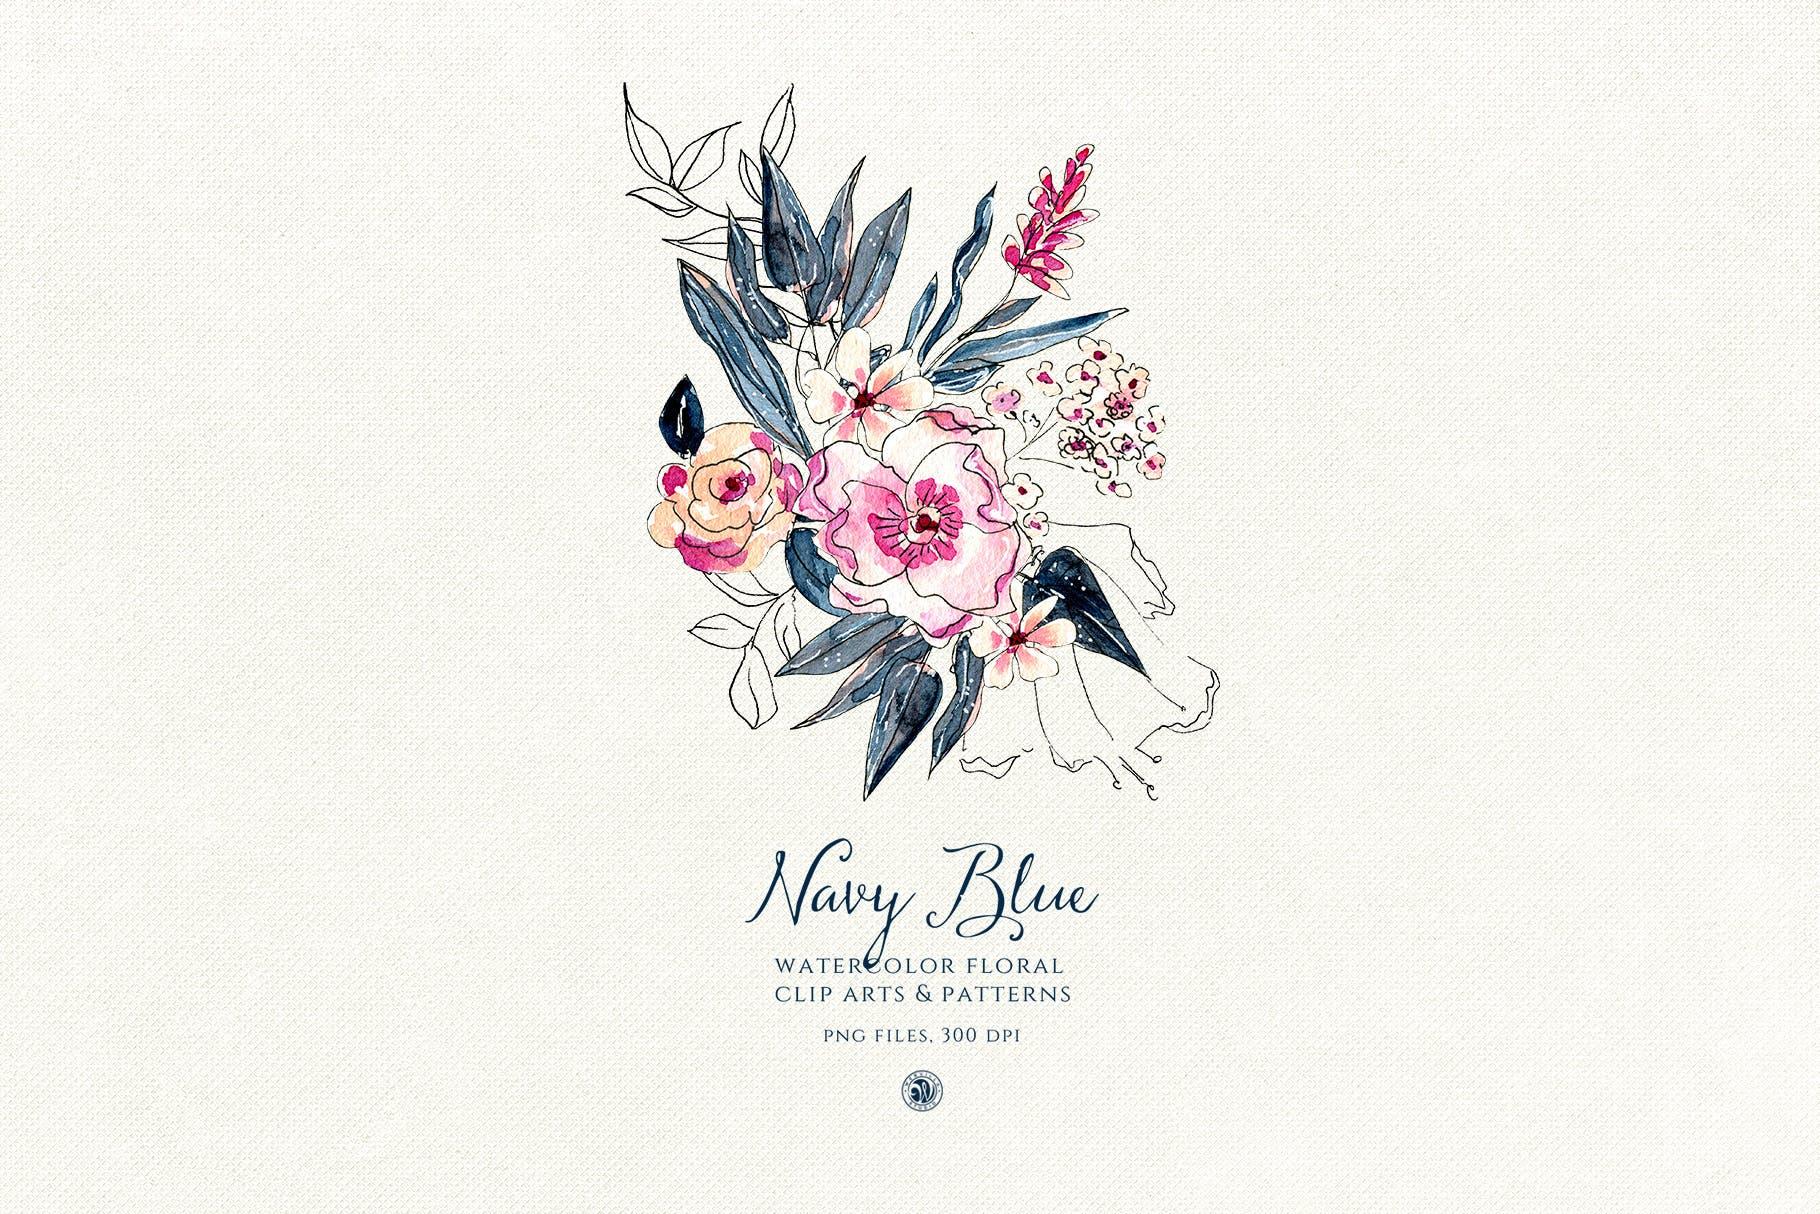 海军蓝花朵手绘水彩花朵和图案装饰元素下载Navy Blue Flowers插图(5)